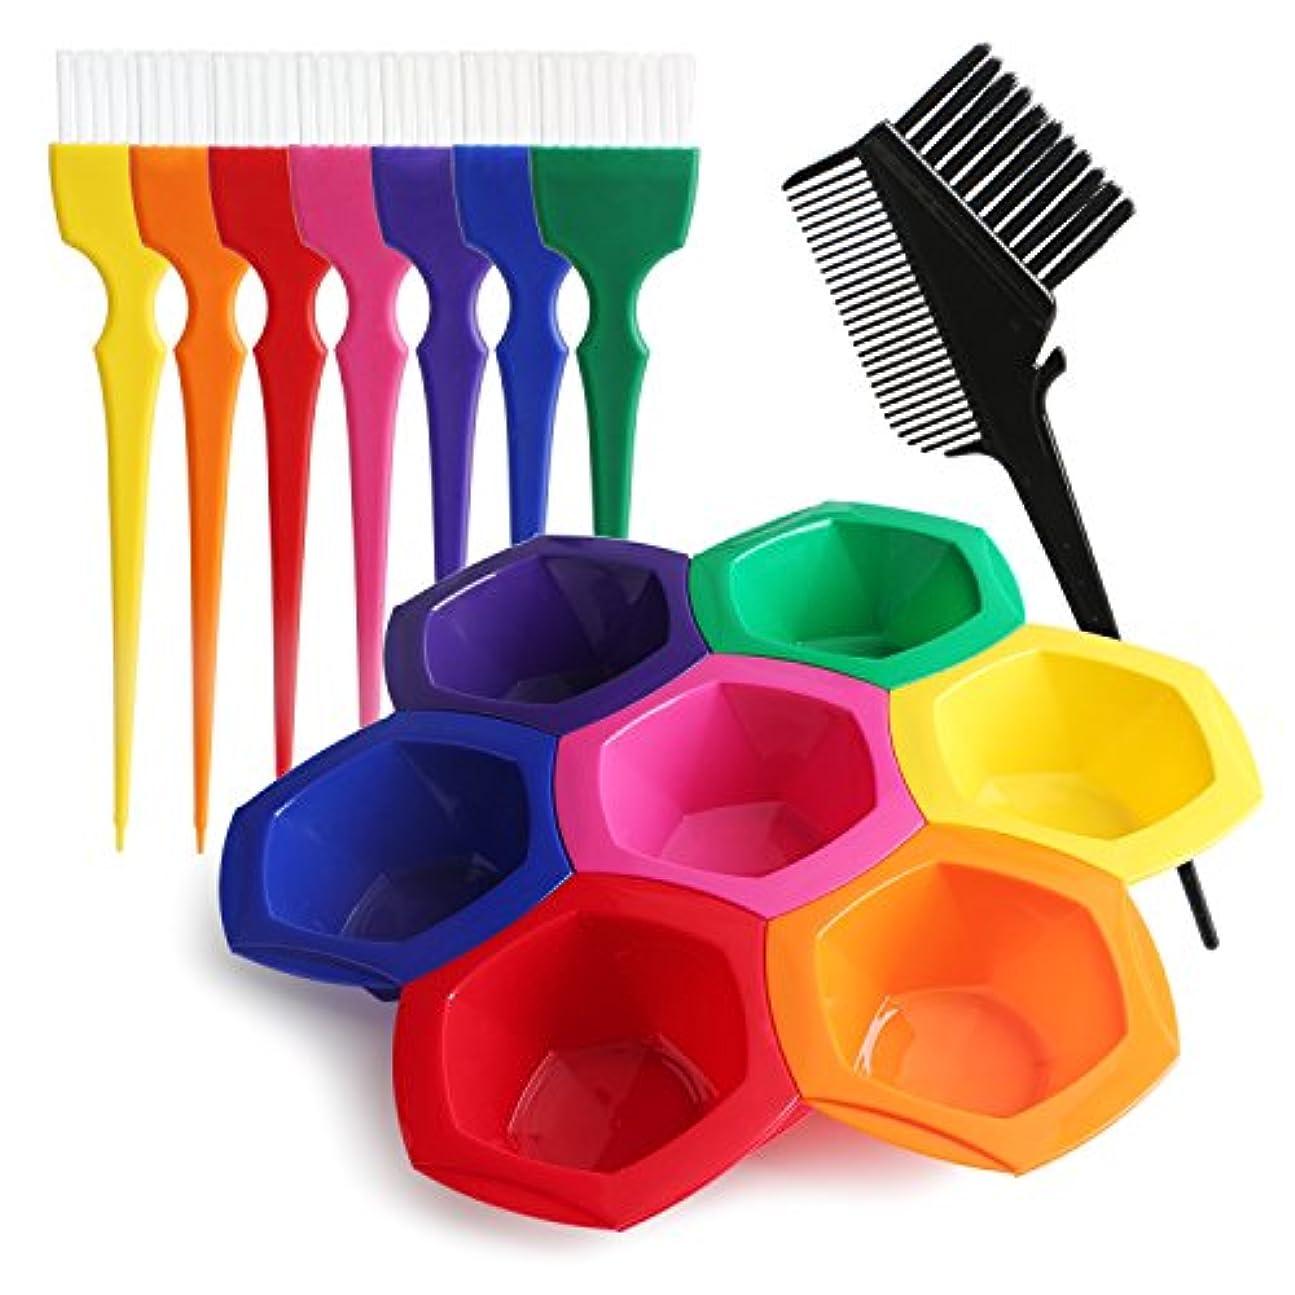 伝染病サドル不安定なSegbeauty DIY/プロの髪染めのセット ヘアカラー用工具 彩色なボウルとブラシのセット 彩色な髪 美髪用